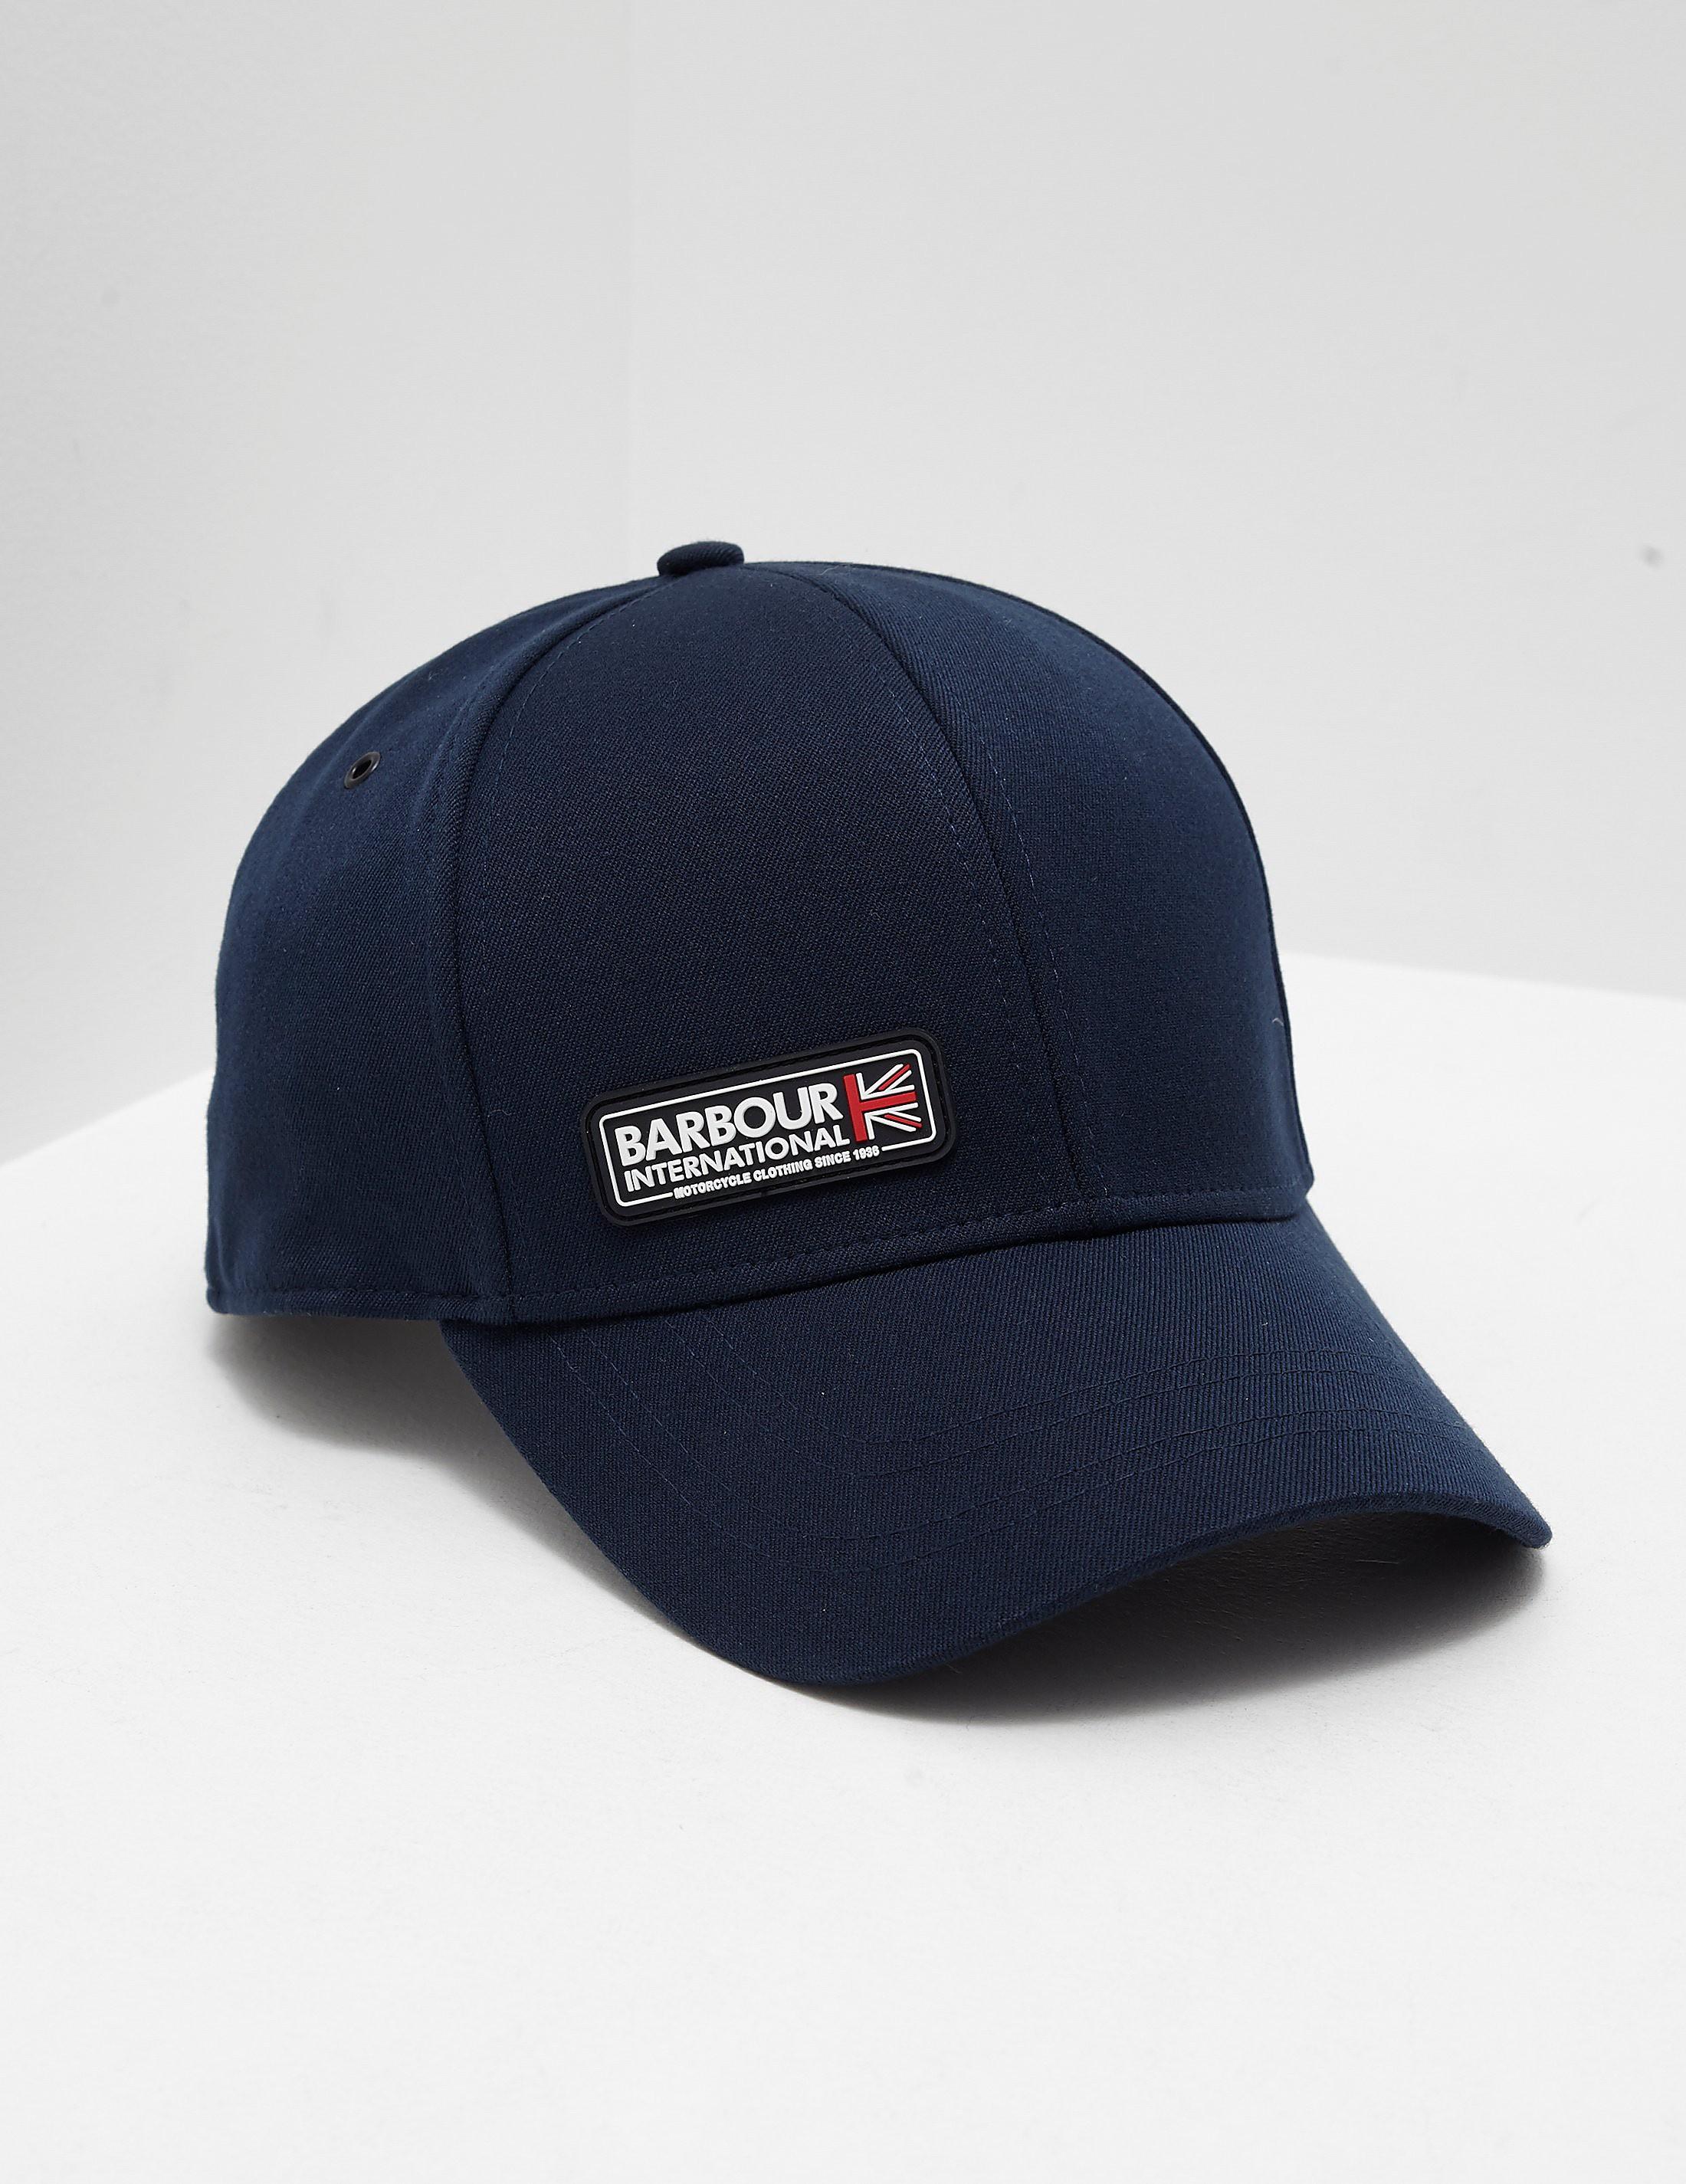 Barbour International Apex Cap